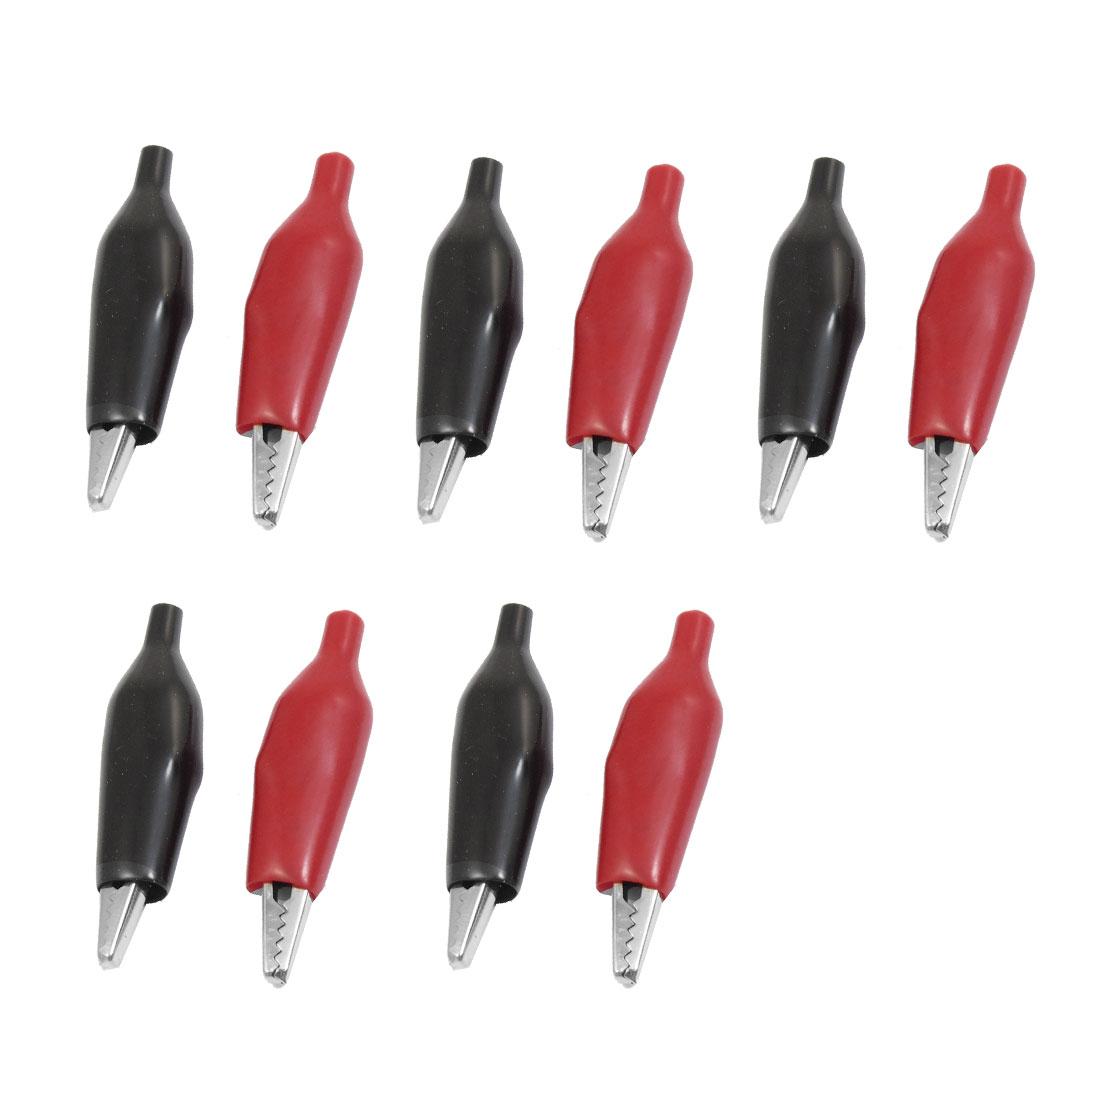 10 Pcs Insulating Multimeter Alligator Cable Clip Black Red